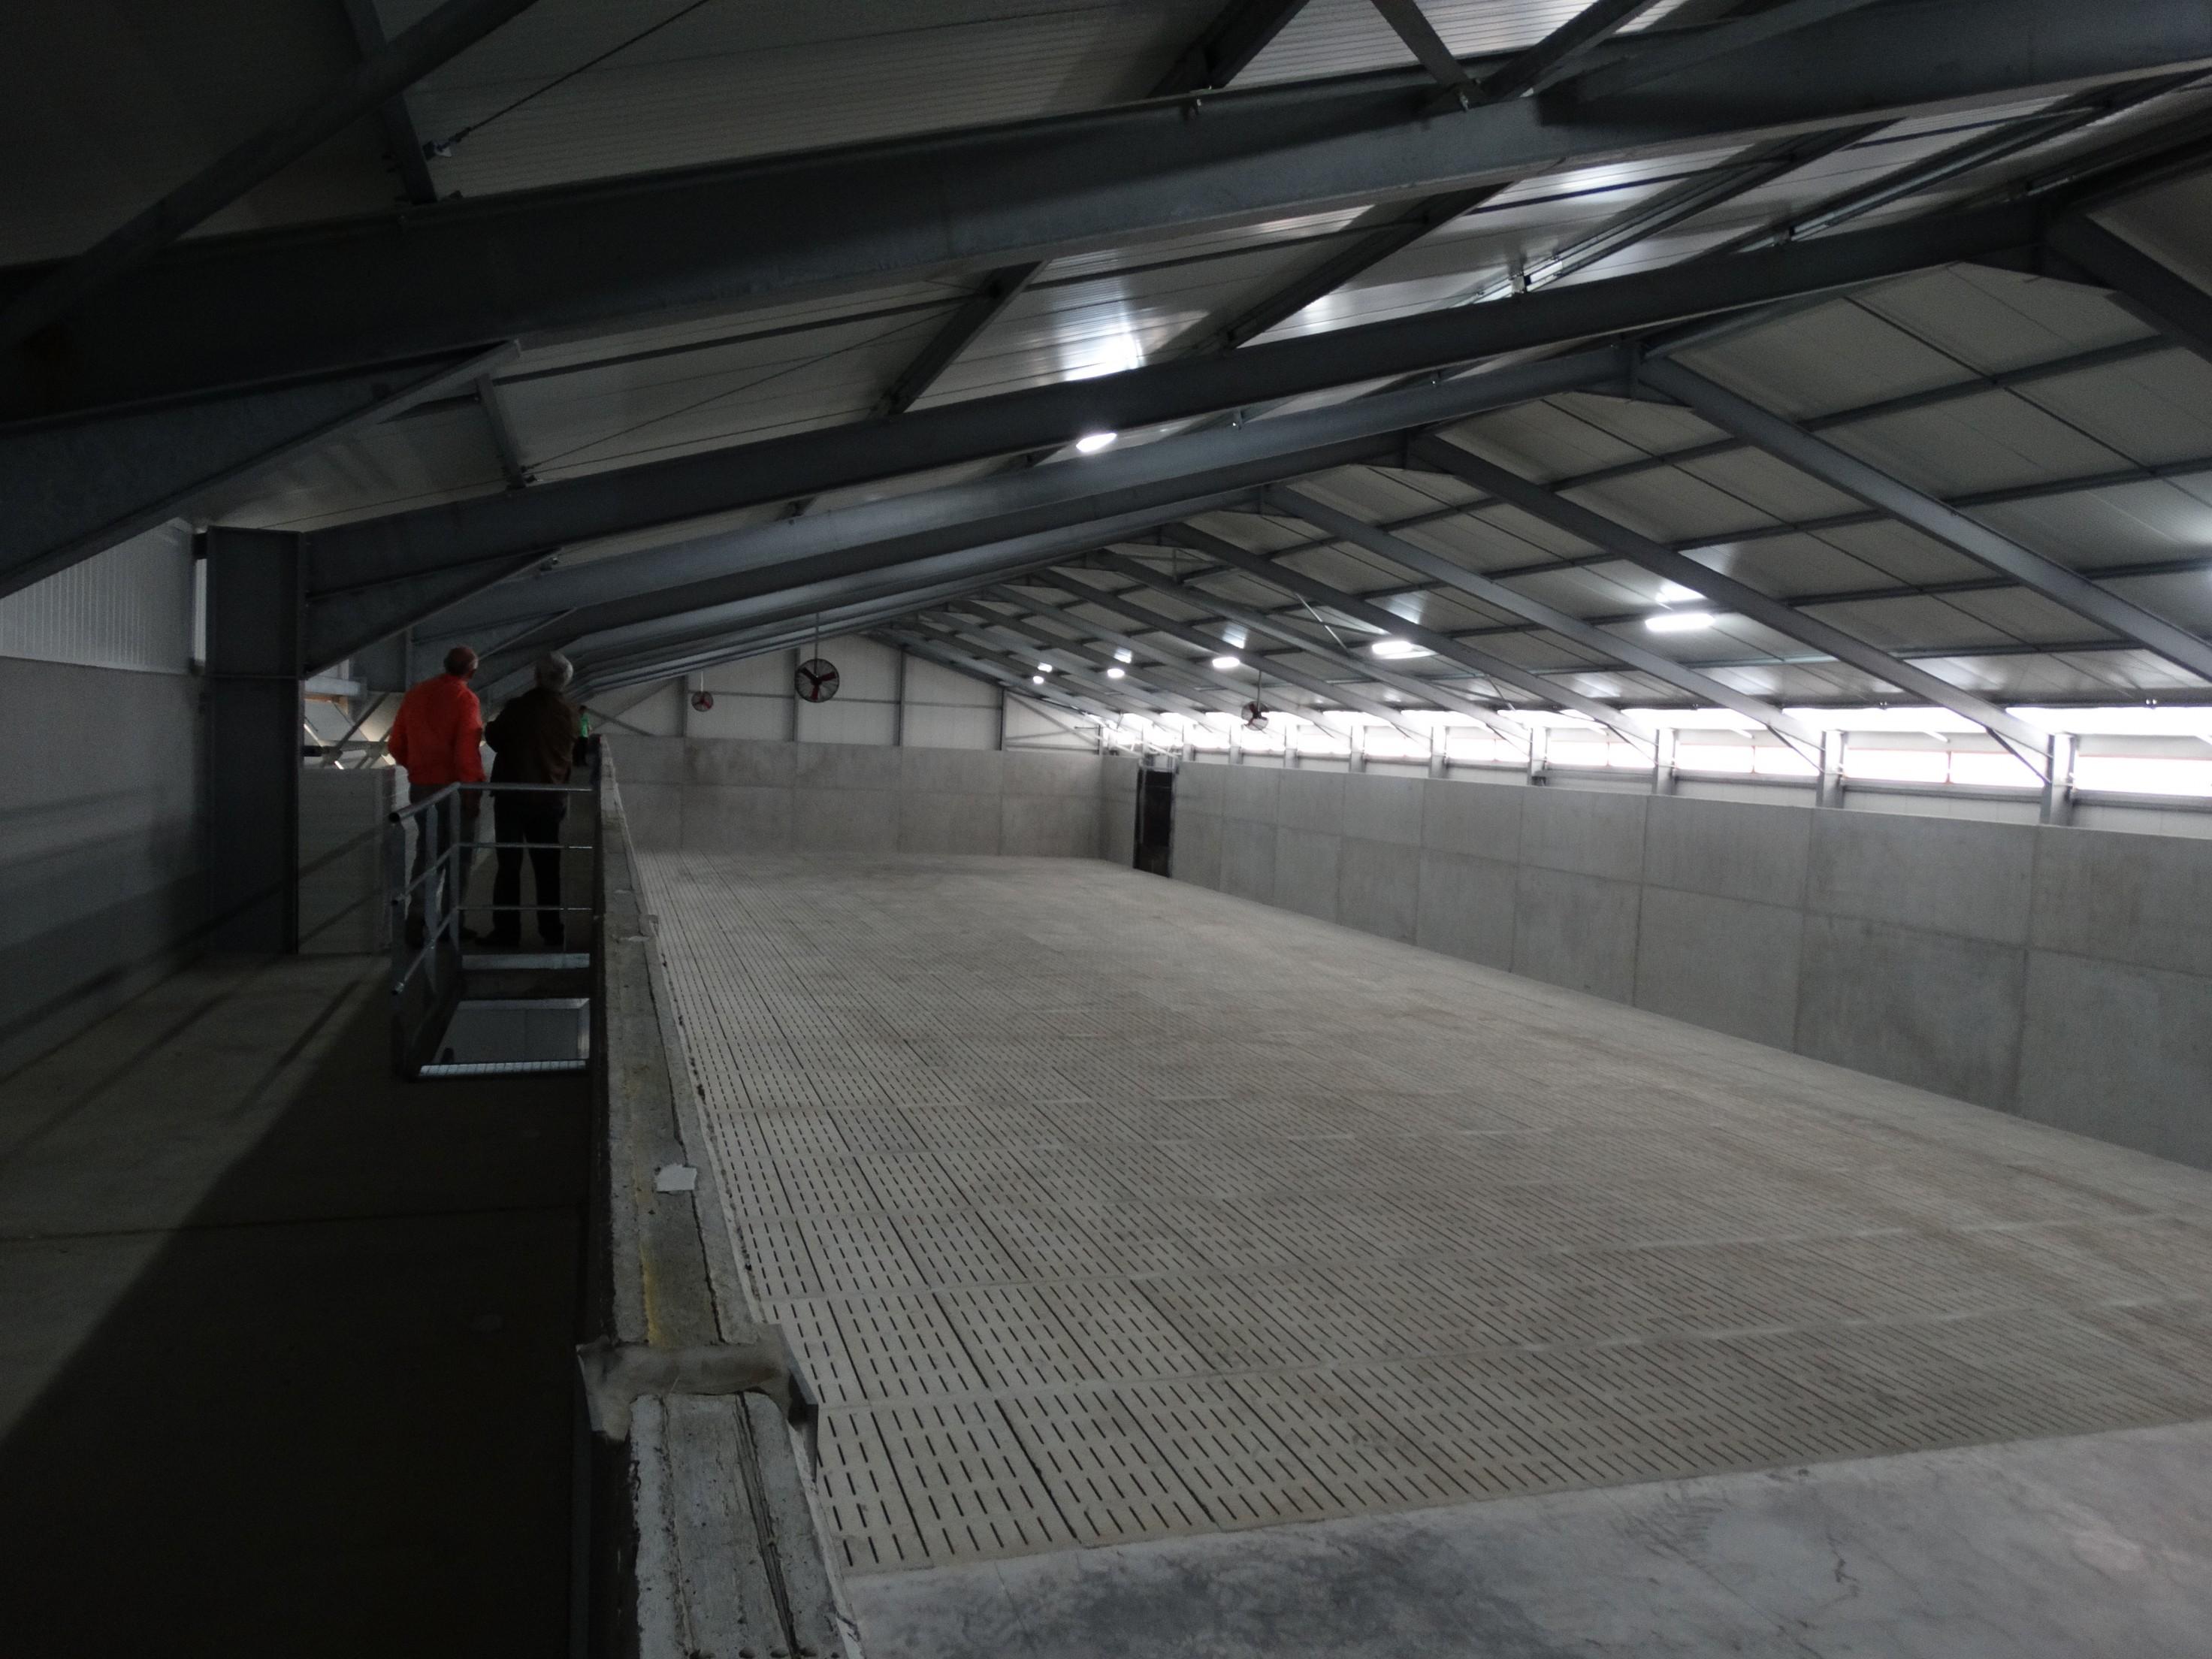 lefevre-Rosseignies-aardappelloods_hangar stockage pommes de terre (11)